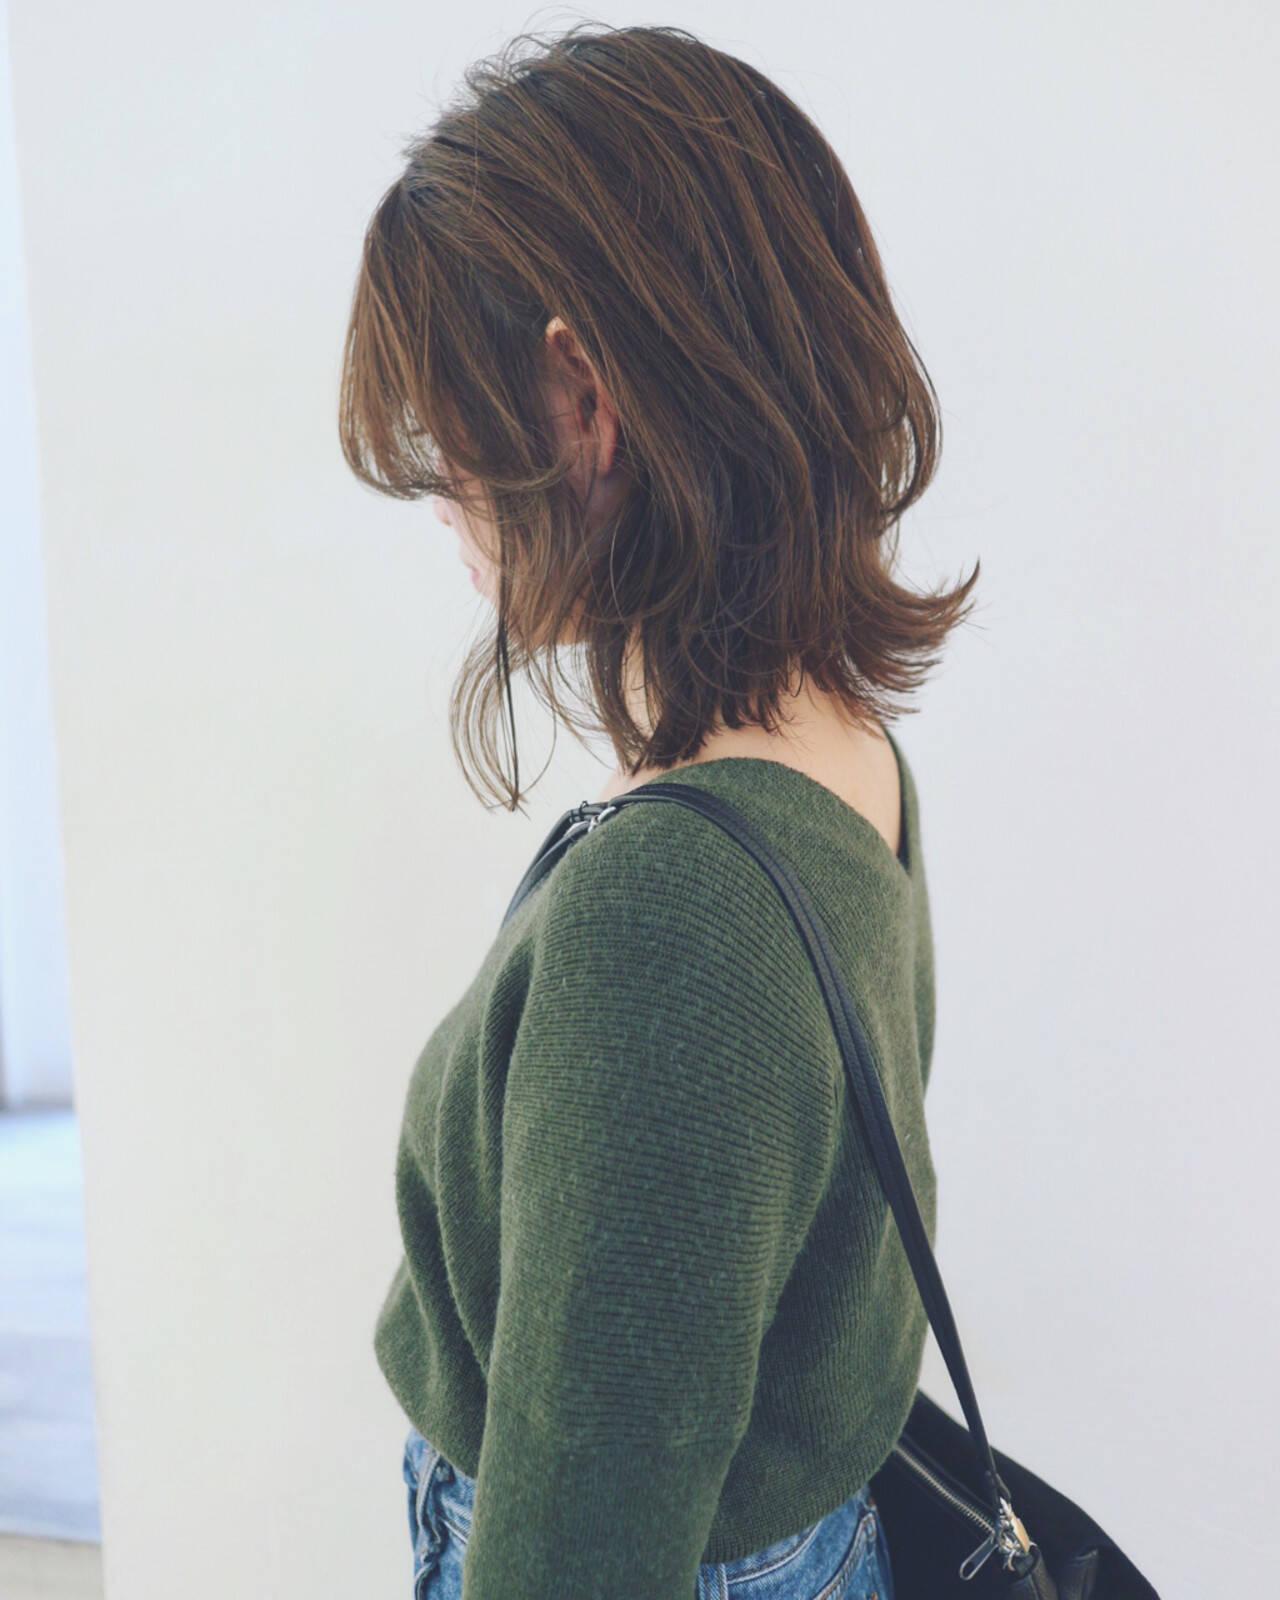 レイヤーカット フェミニン ボブ マッシュヘアスタイルや髪型の写真・画像